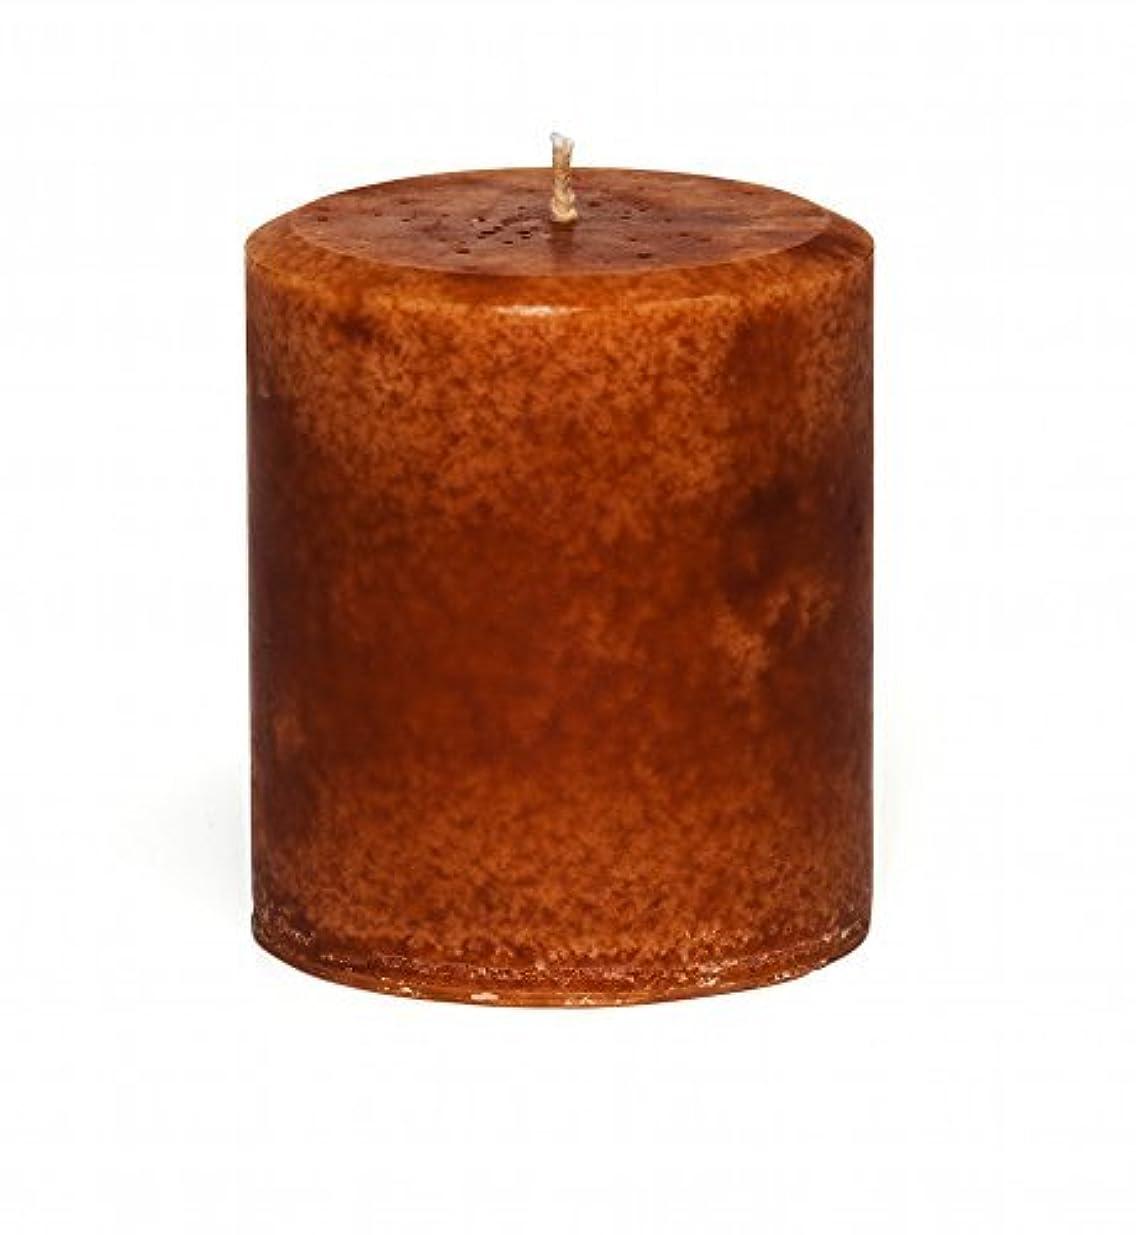 ペイン梨漂流Jensanシナモンオレンジ香りつき装飾Pillar Candle、ハンドメイド – 装飾 – 強力な香り